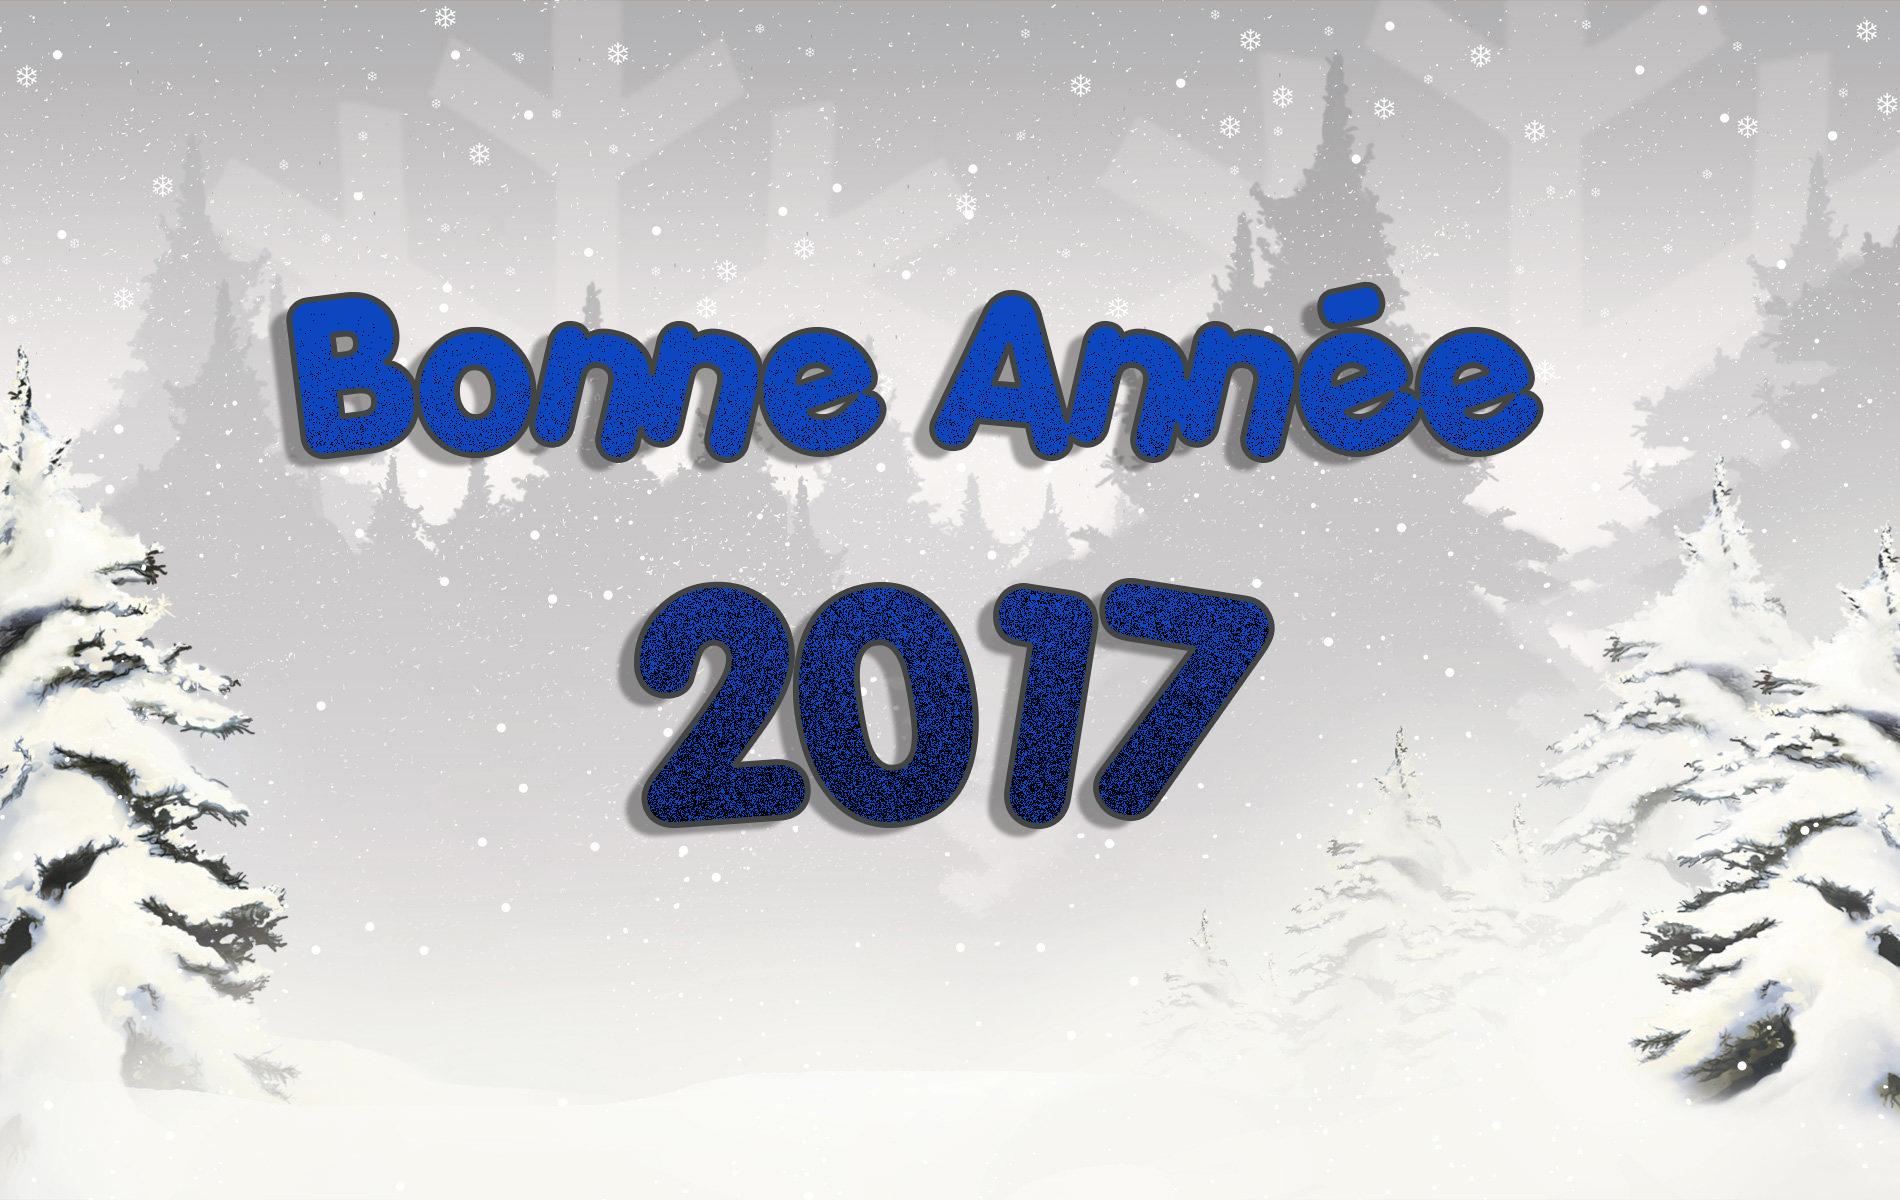 """Résultat de recherche d'images pour """"bonne année 2017"""""""